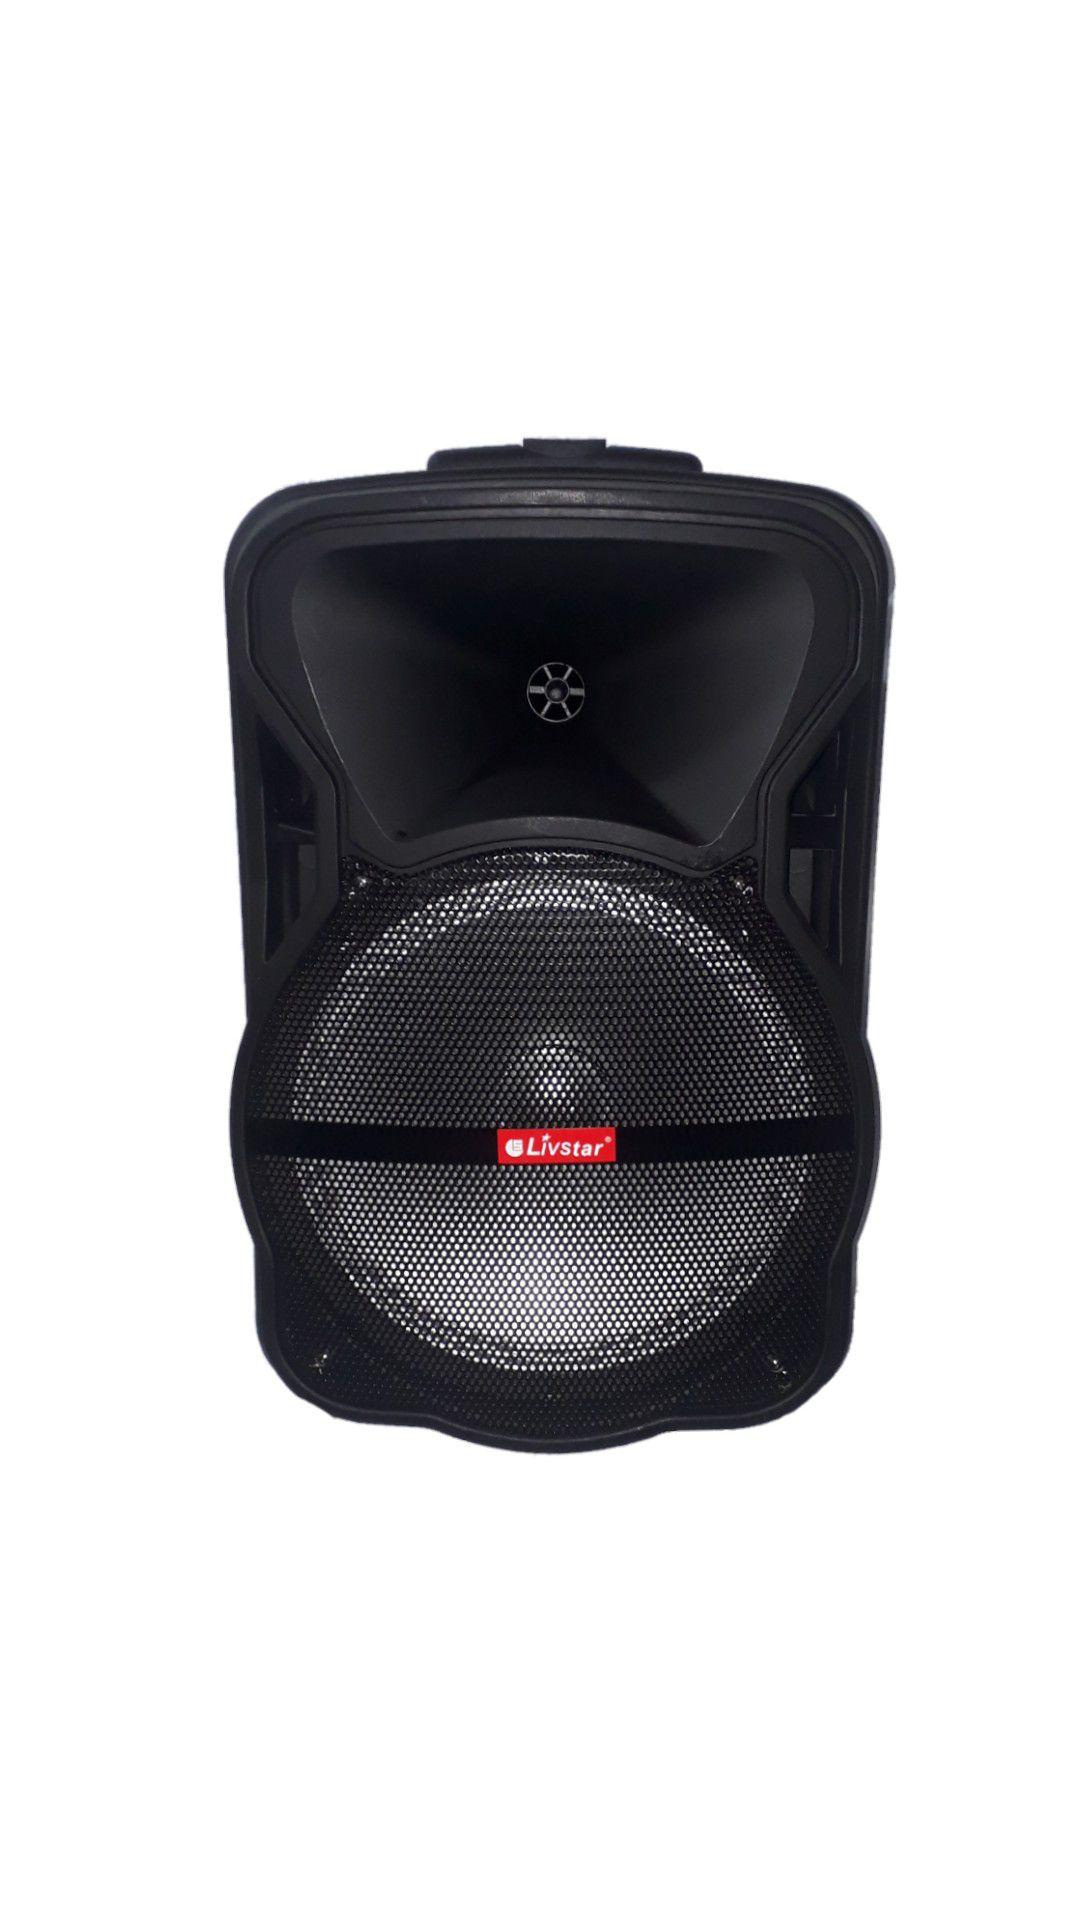 Caixa Amplificada Livstar Cnn8023 Bluetooth Usb Sd Fm Mic  Falante 12